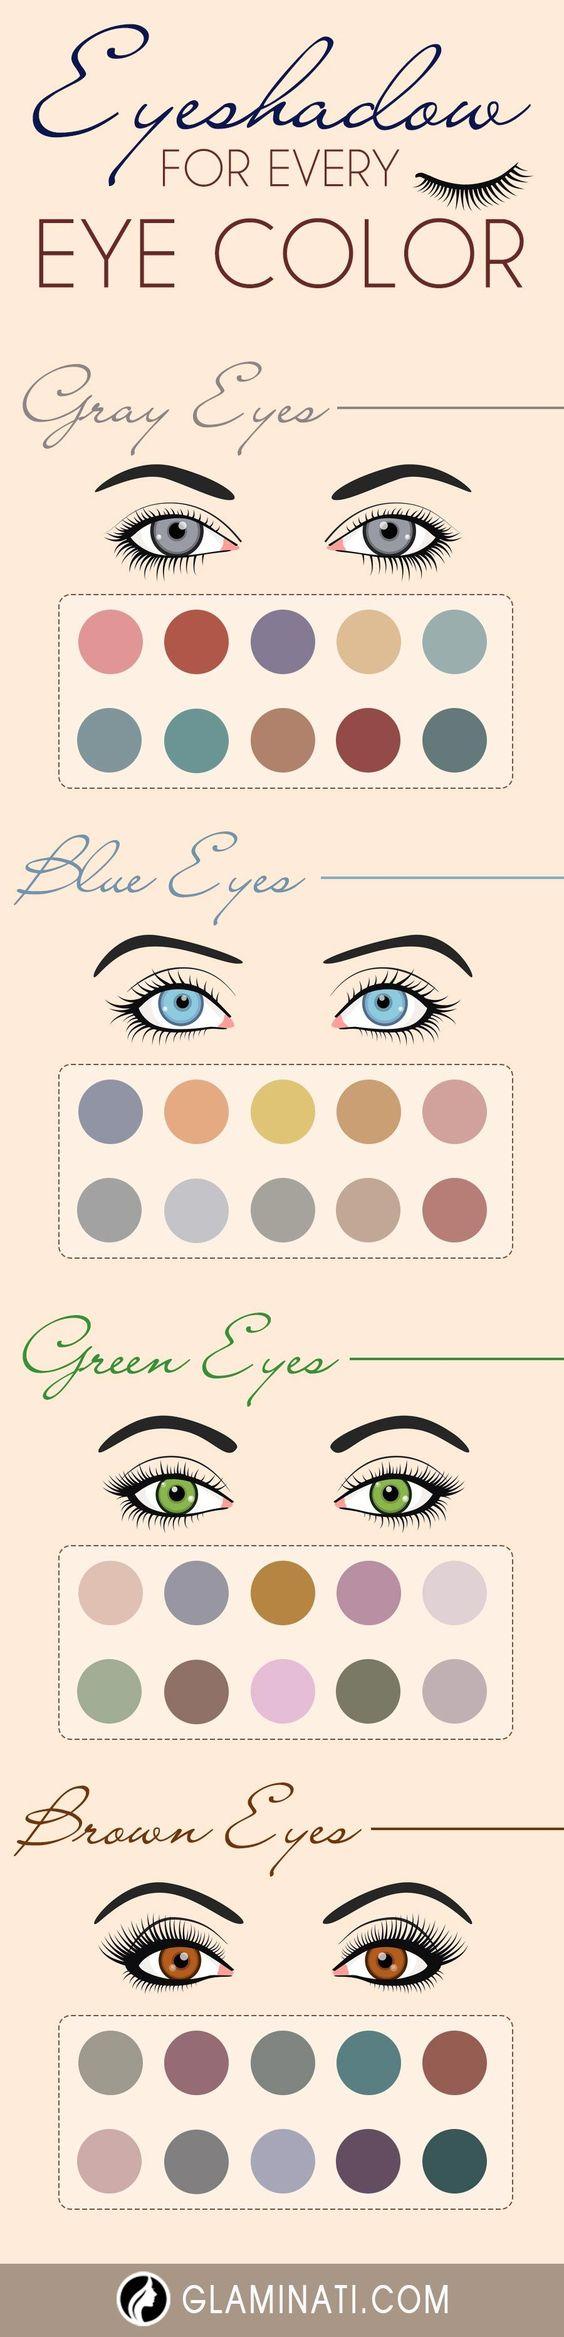 Ways of Applying Eyeshadow for Brown Eyes ★ See more: http://glaminati.com/eyeshadow-for-brown-eyes/